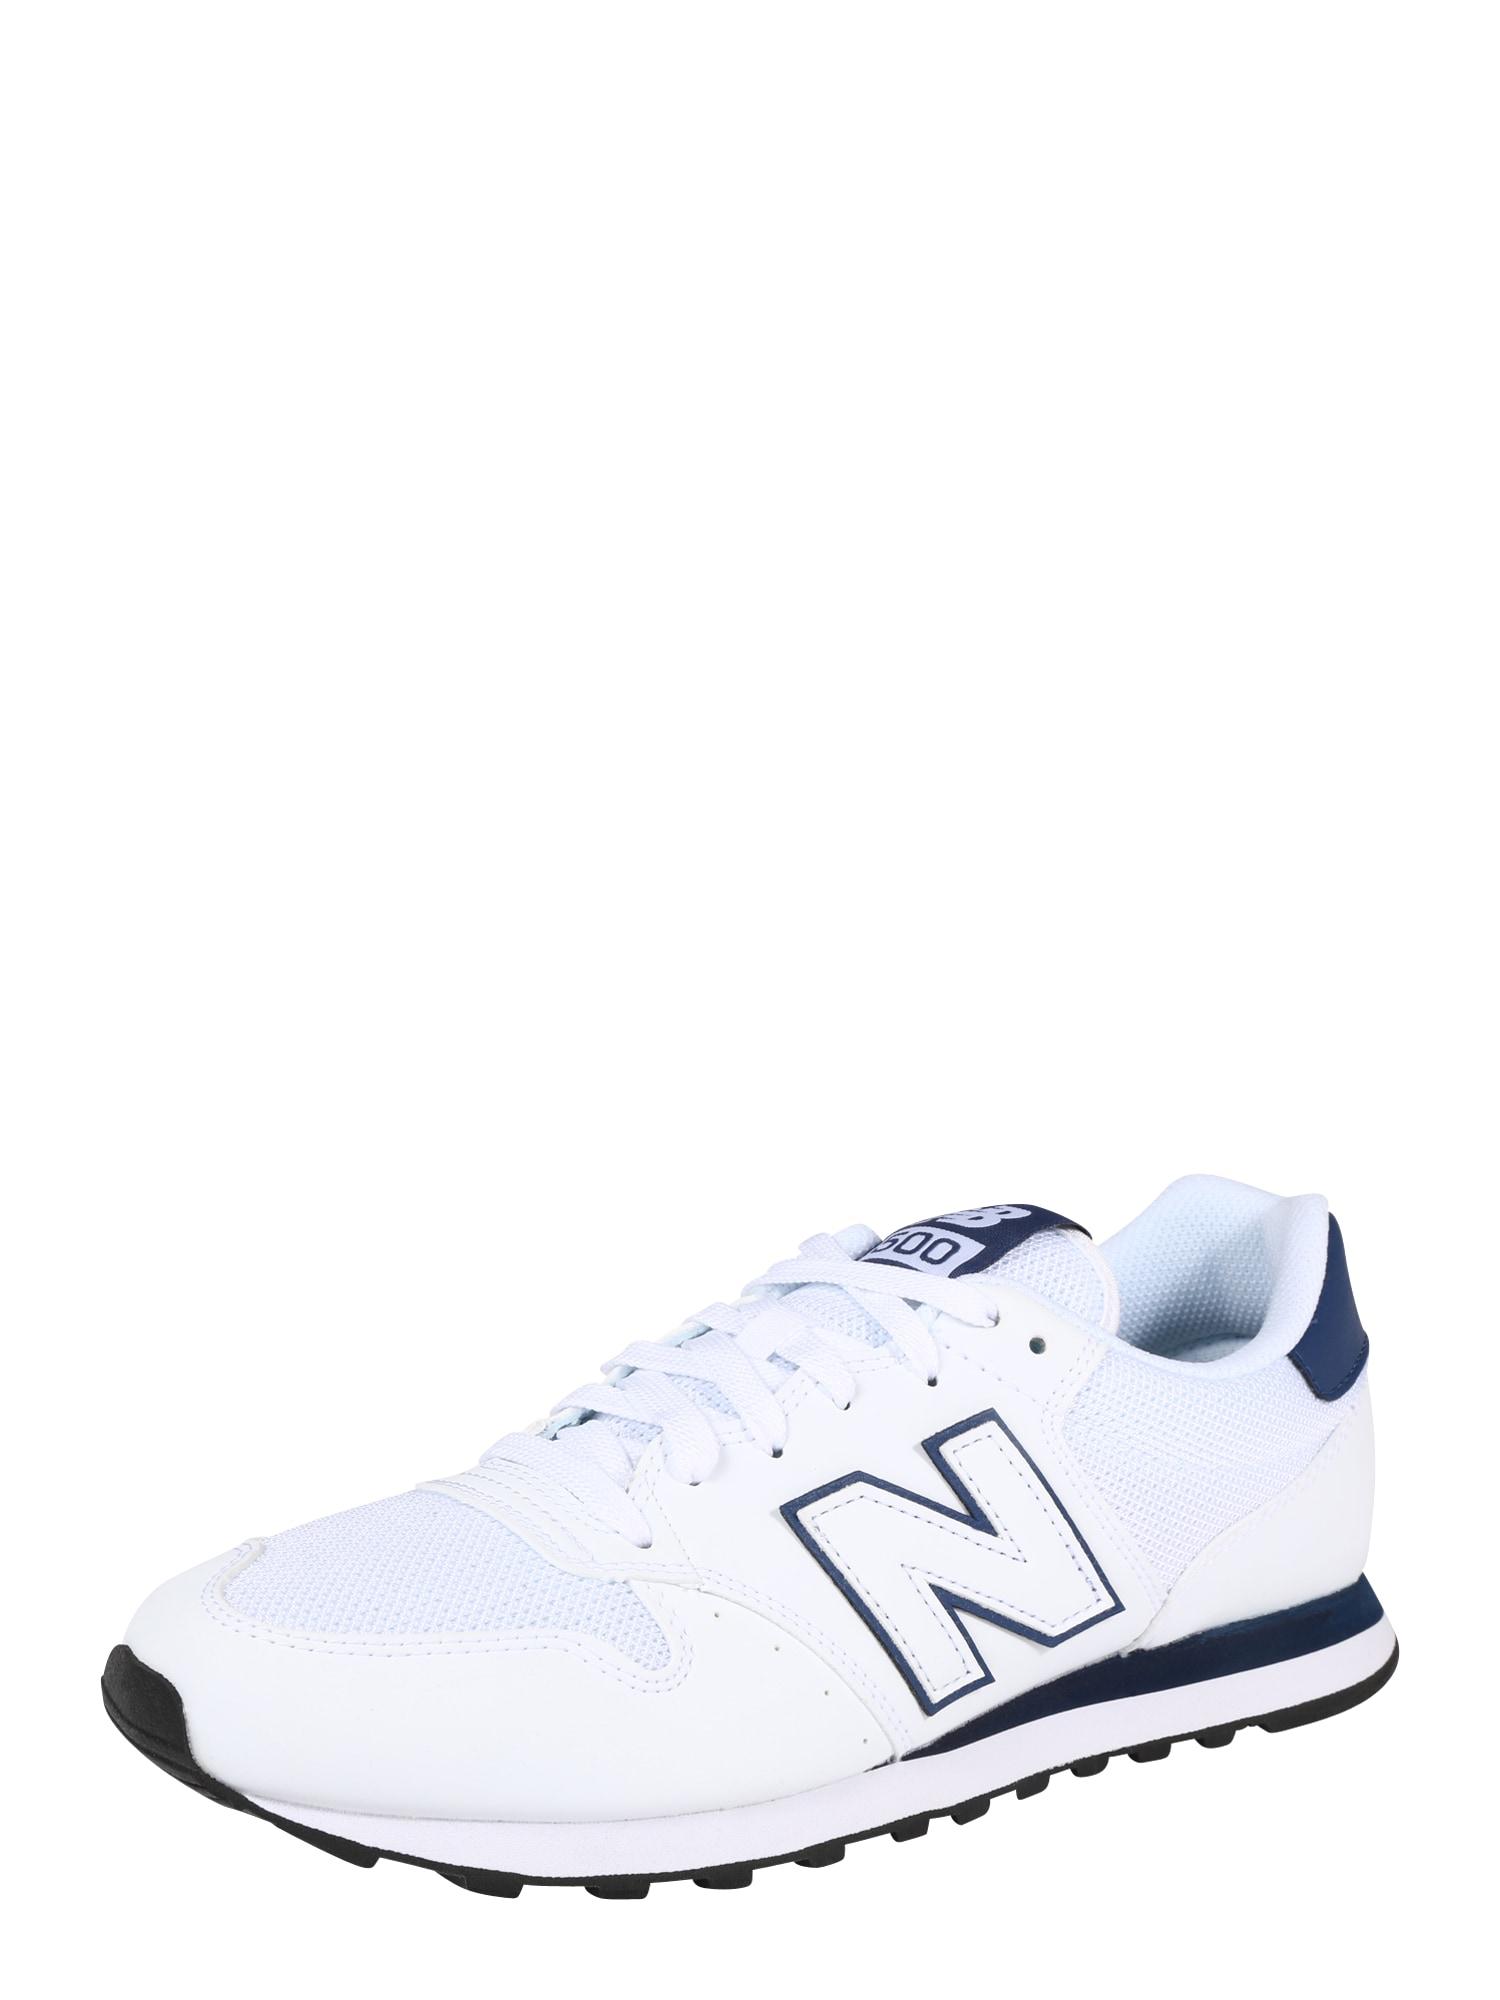 Tenisky GM500-D tmavě modrá bílá New Balance